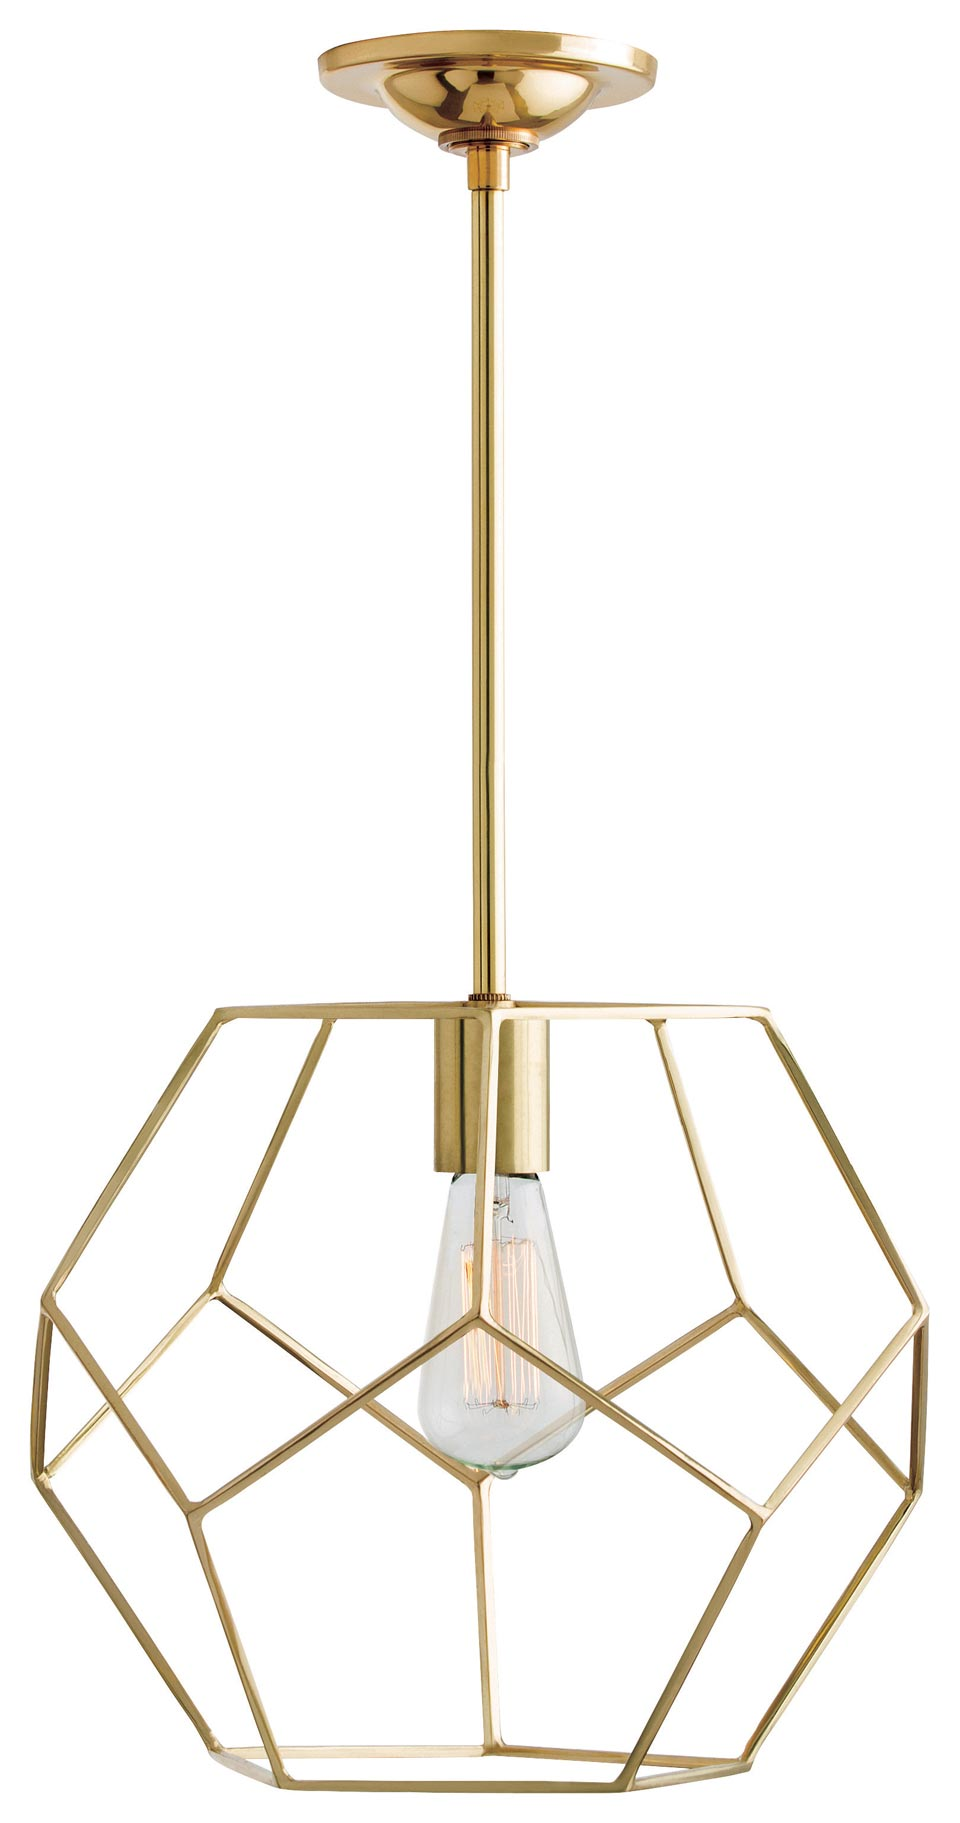 Brass Geometric Pendant Light